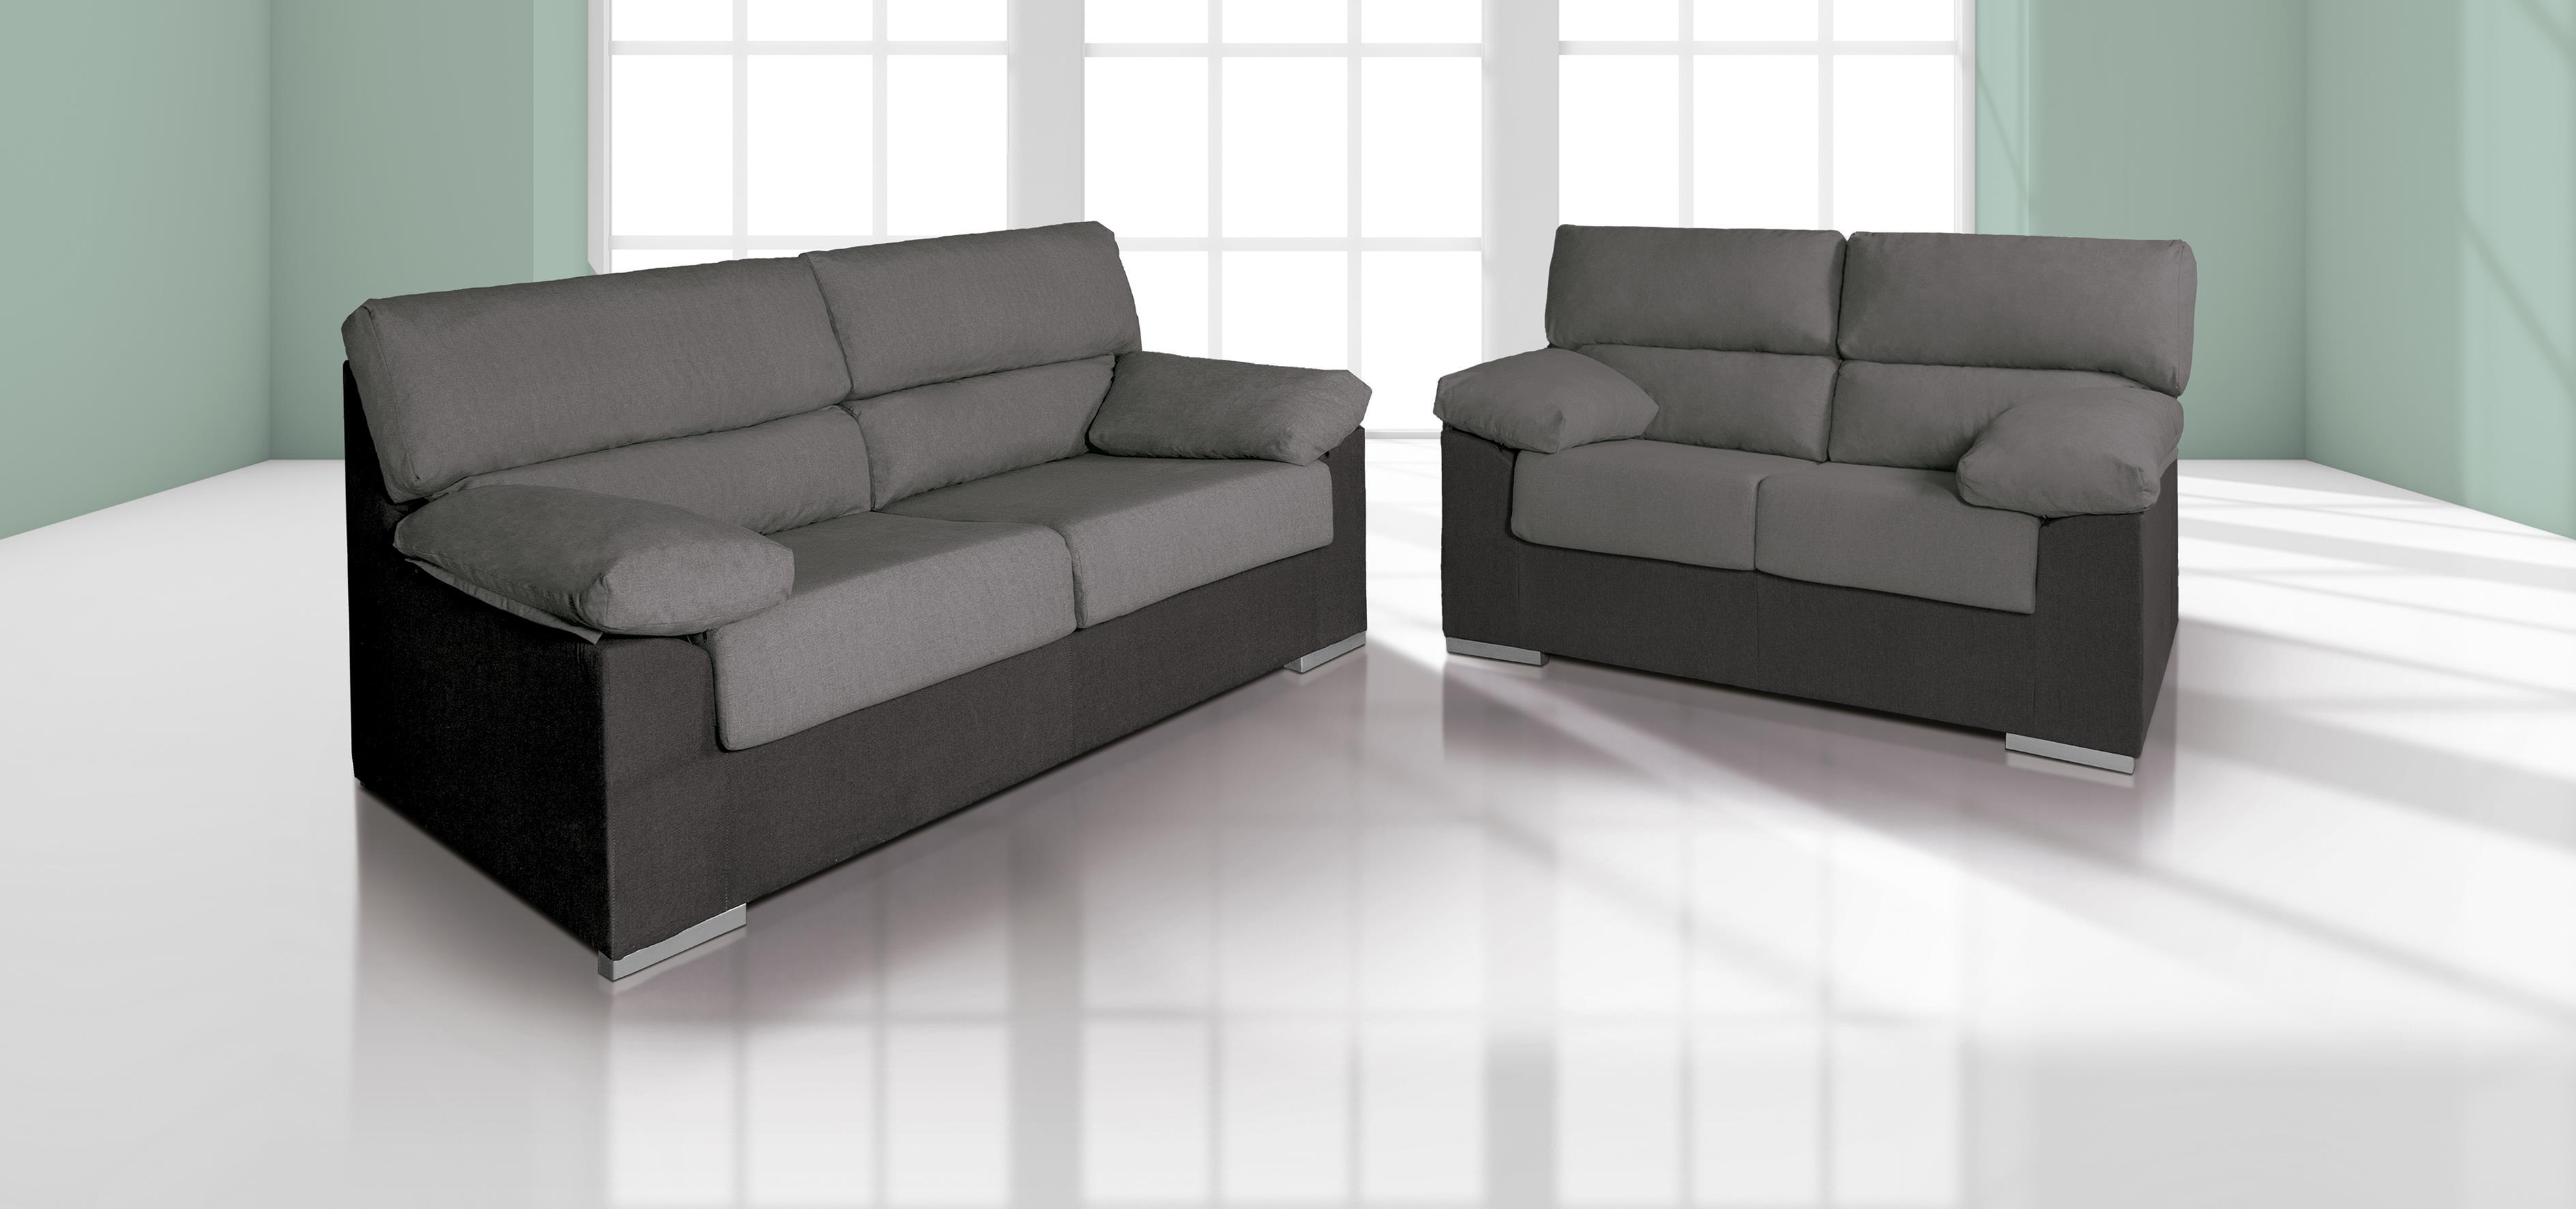 Sof 3 plazas m s sof 2 plazas muebles bandama - Sofas de ocasion ...